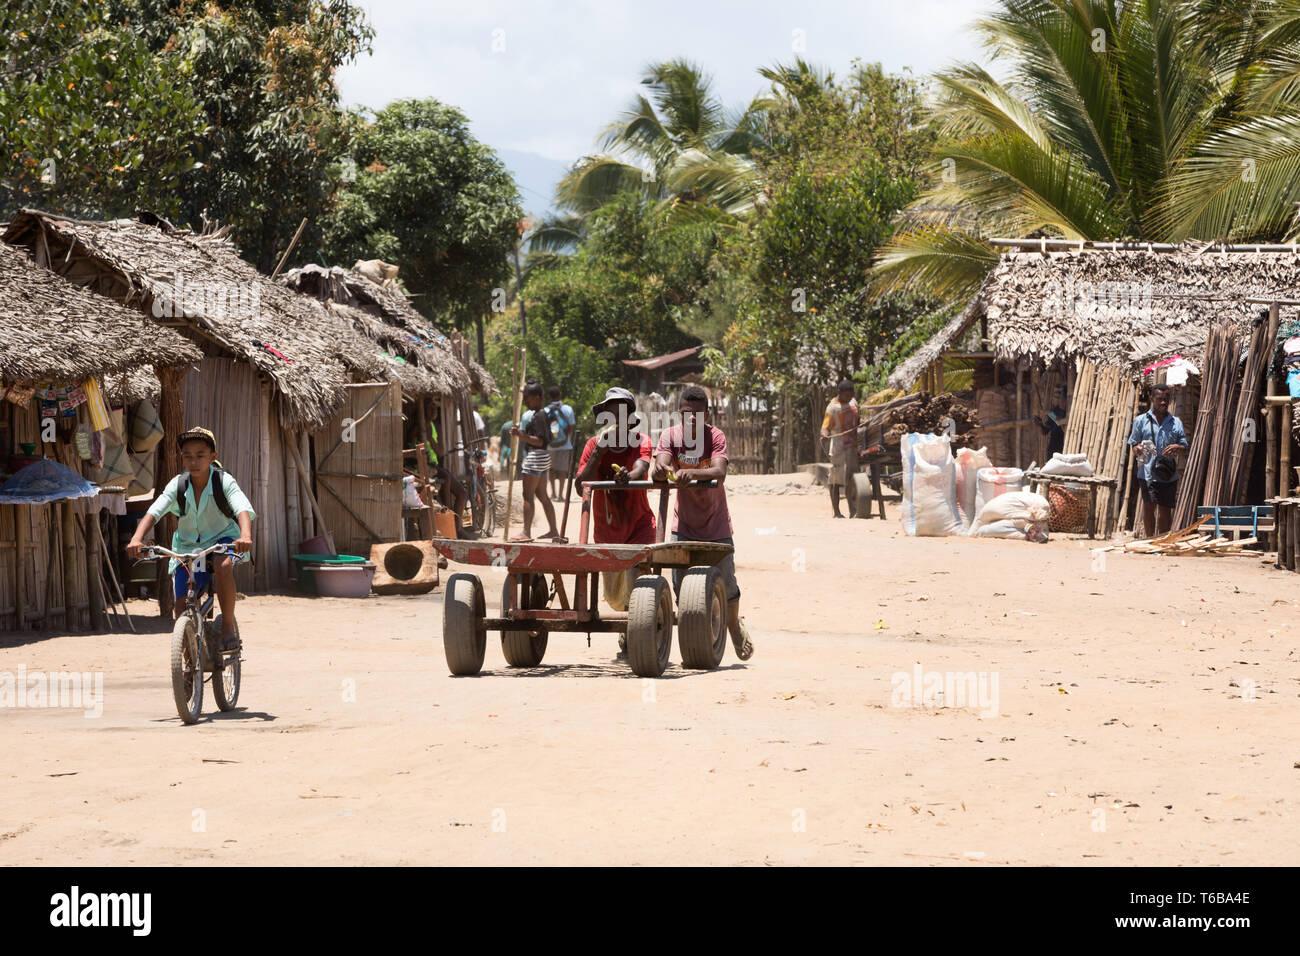 Un malgascio popoli la vita quotidiana in Madagascar Immagini Stock